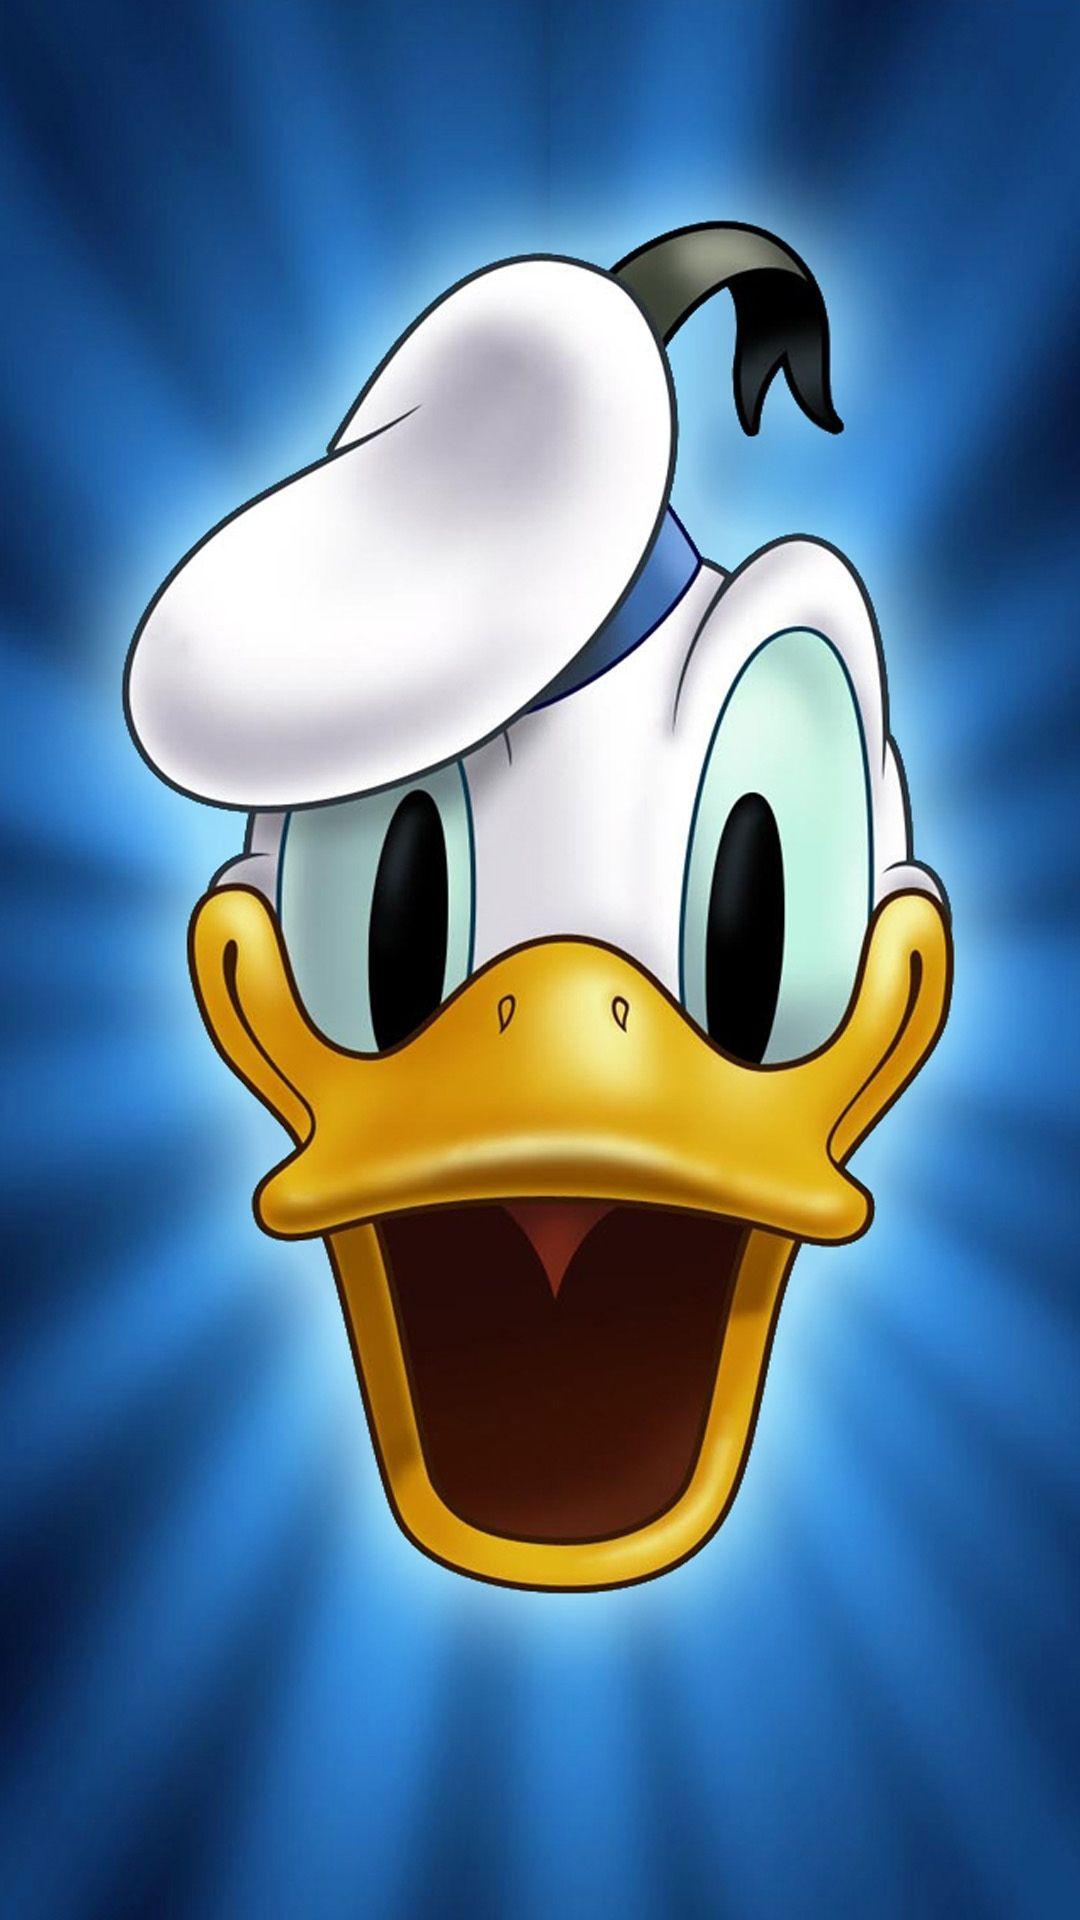 Donald duck wallpaper iphone 6 download popular donald - Donald duck wallpaper ...